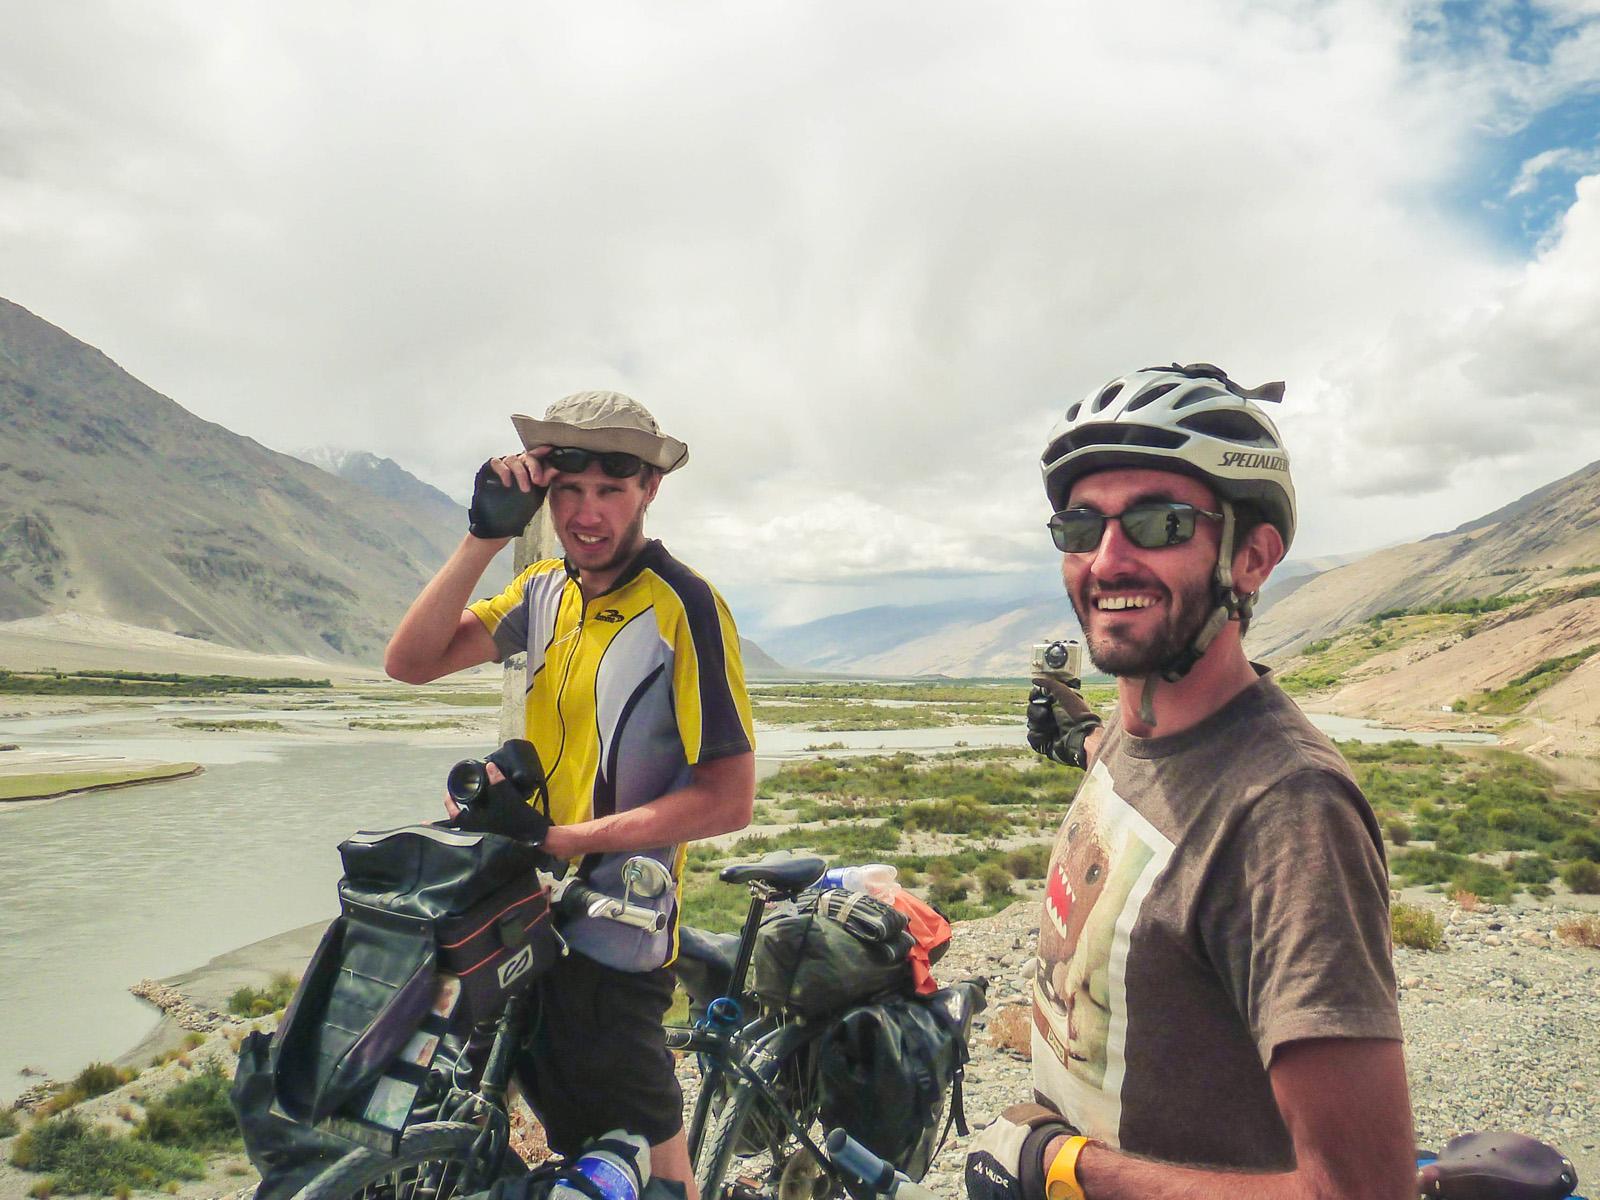 Francuzi, z którymi mieliśmy przyjemność jechać kilka dni wzdłuż Afganistanu.